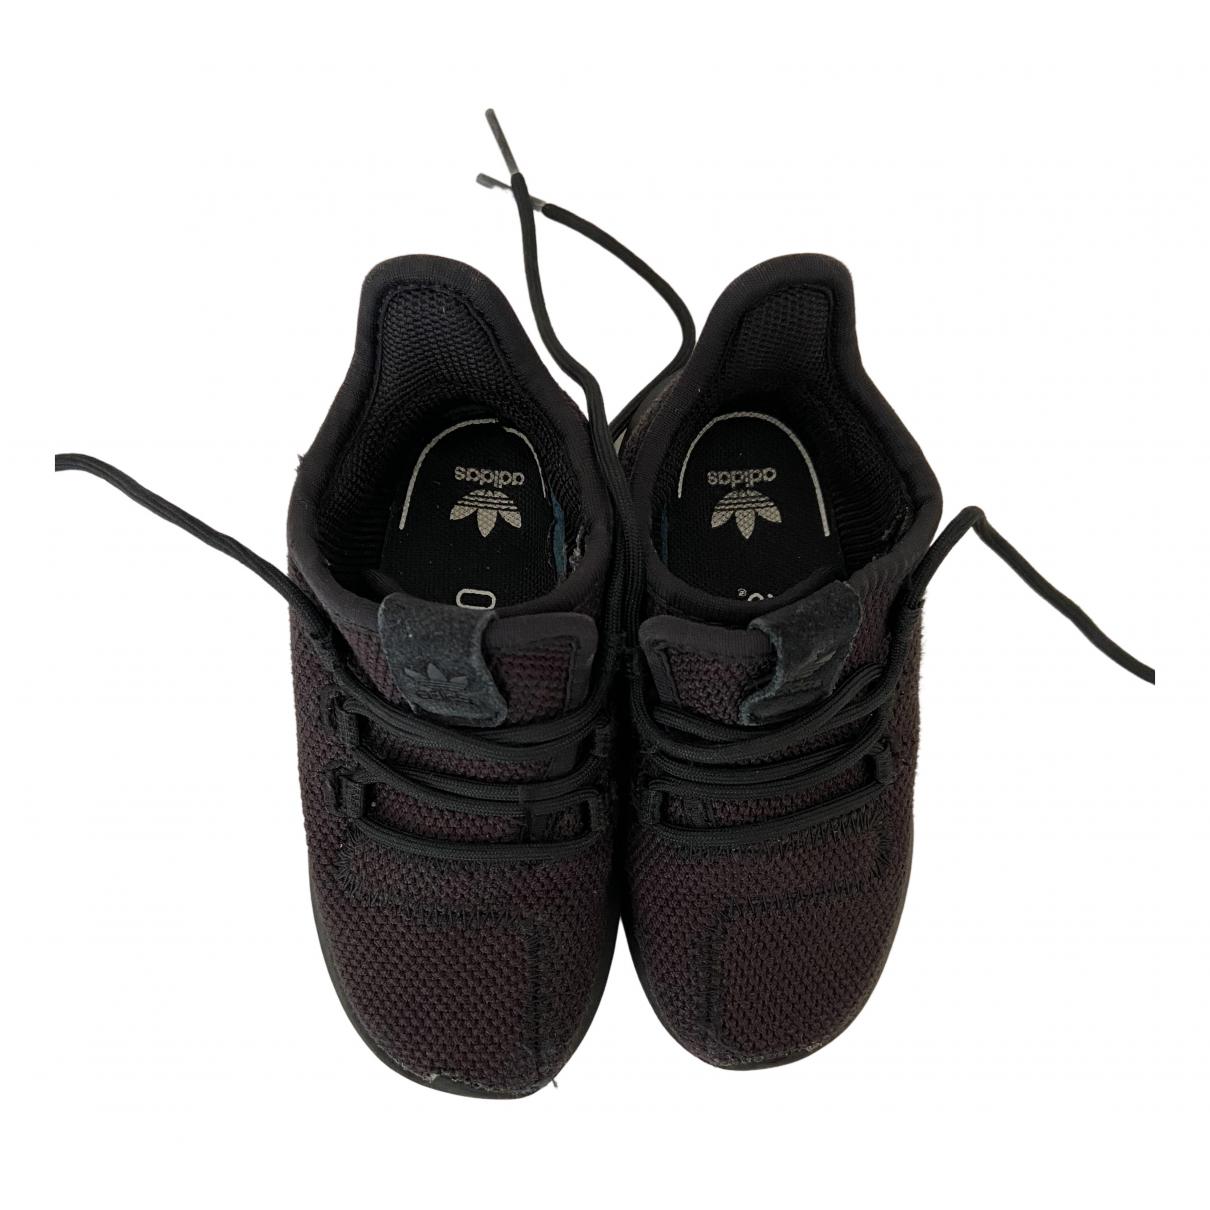 Adidas - Baskets Tubular pour enfant en toile - noir